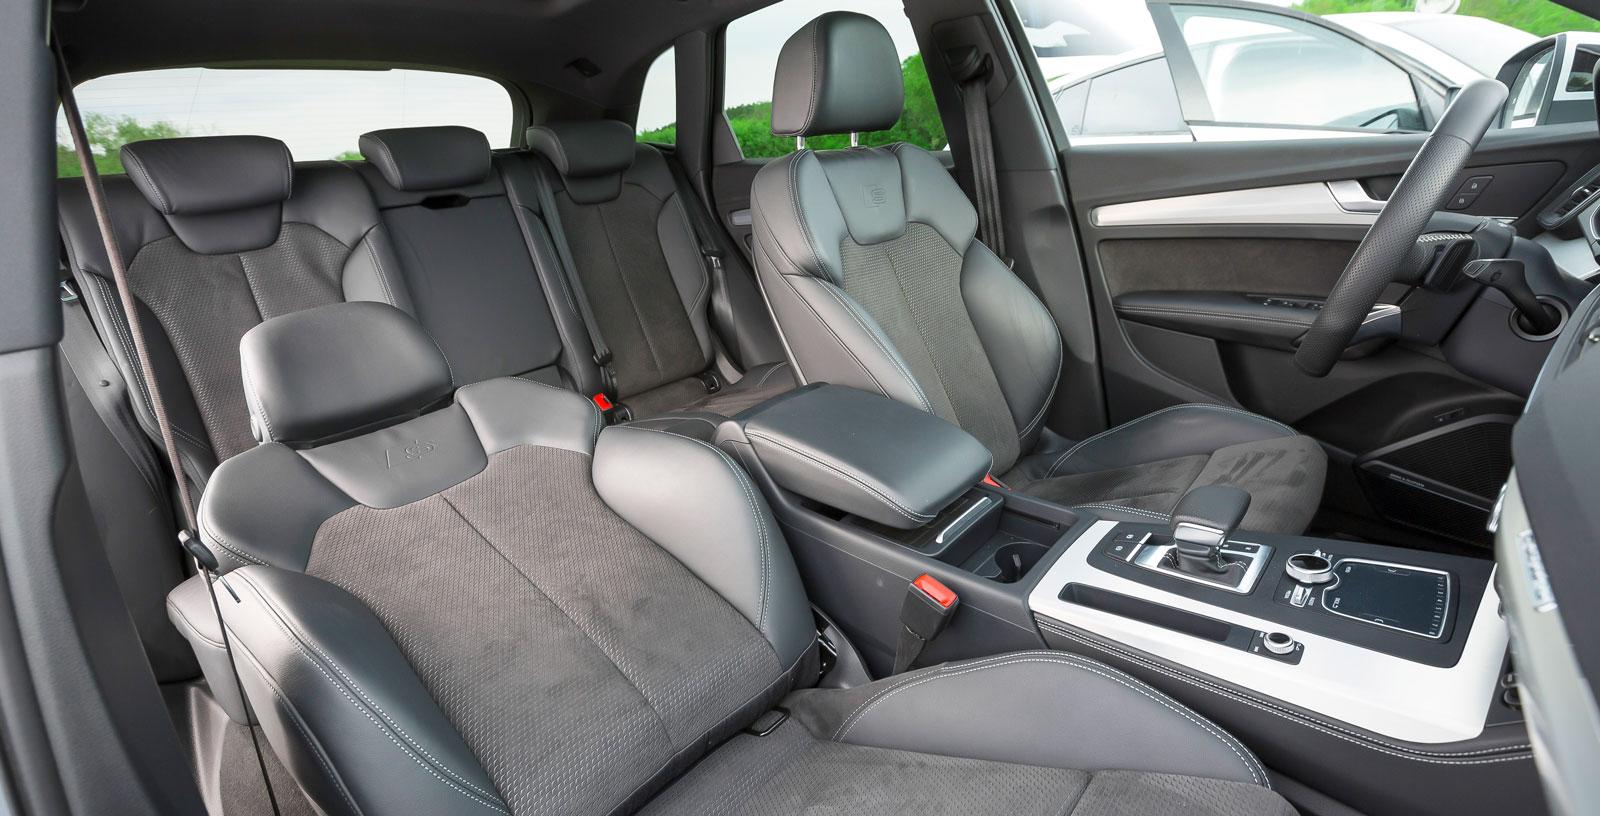 """Audi har något kortare axelavstånd än Mercedes och Volvo men erbjuder ändå verkligt bra utrymmen för de åkande. Förhållandevis bra """"normalsikt"""" utan spegelhjälp. Bagageutrymmet är också stort men inte riktigt lika rymligt som Volvos."""